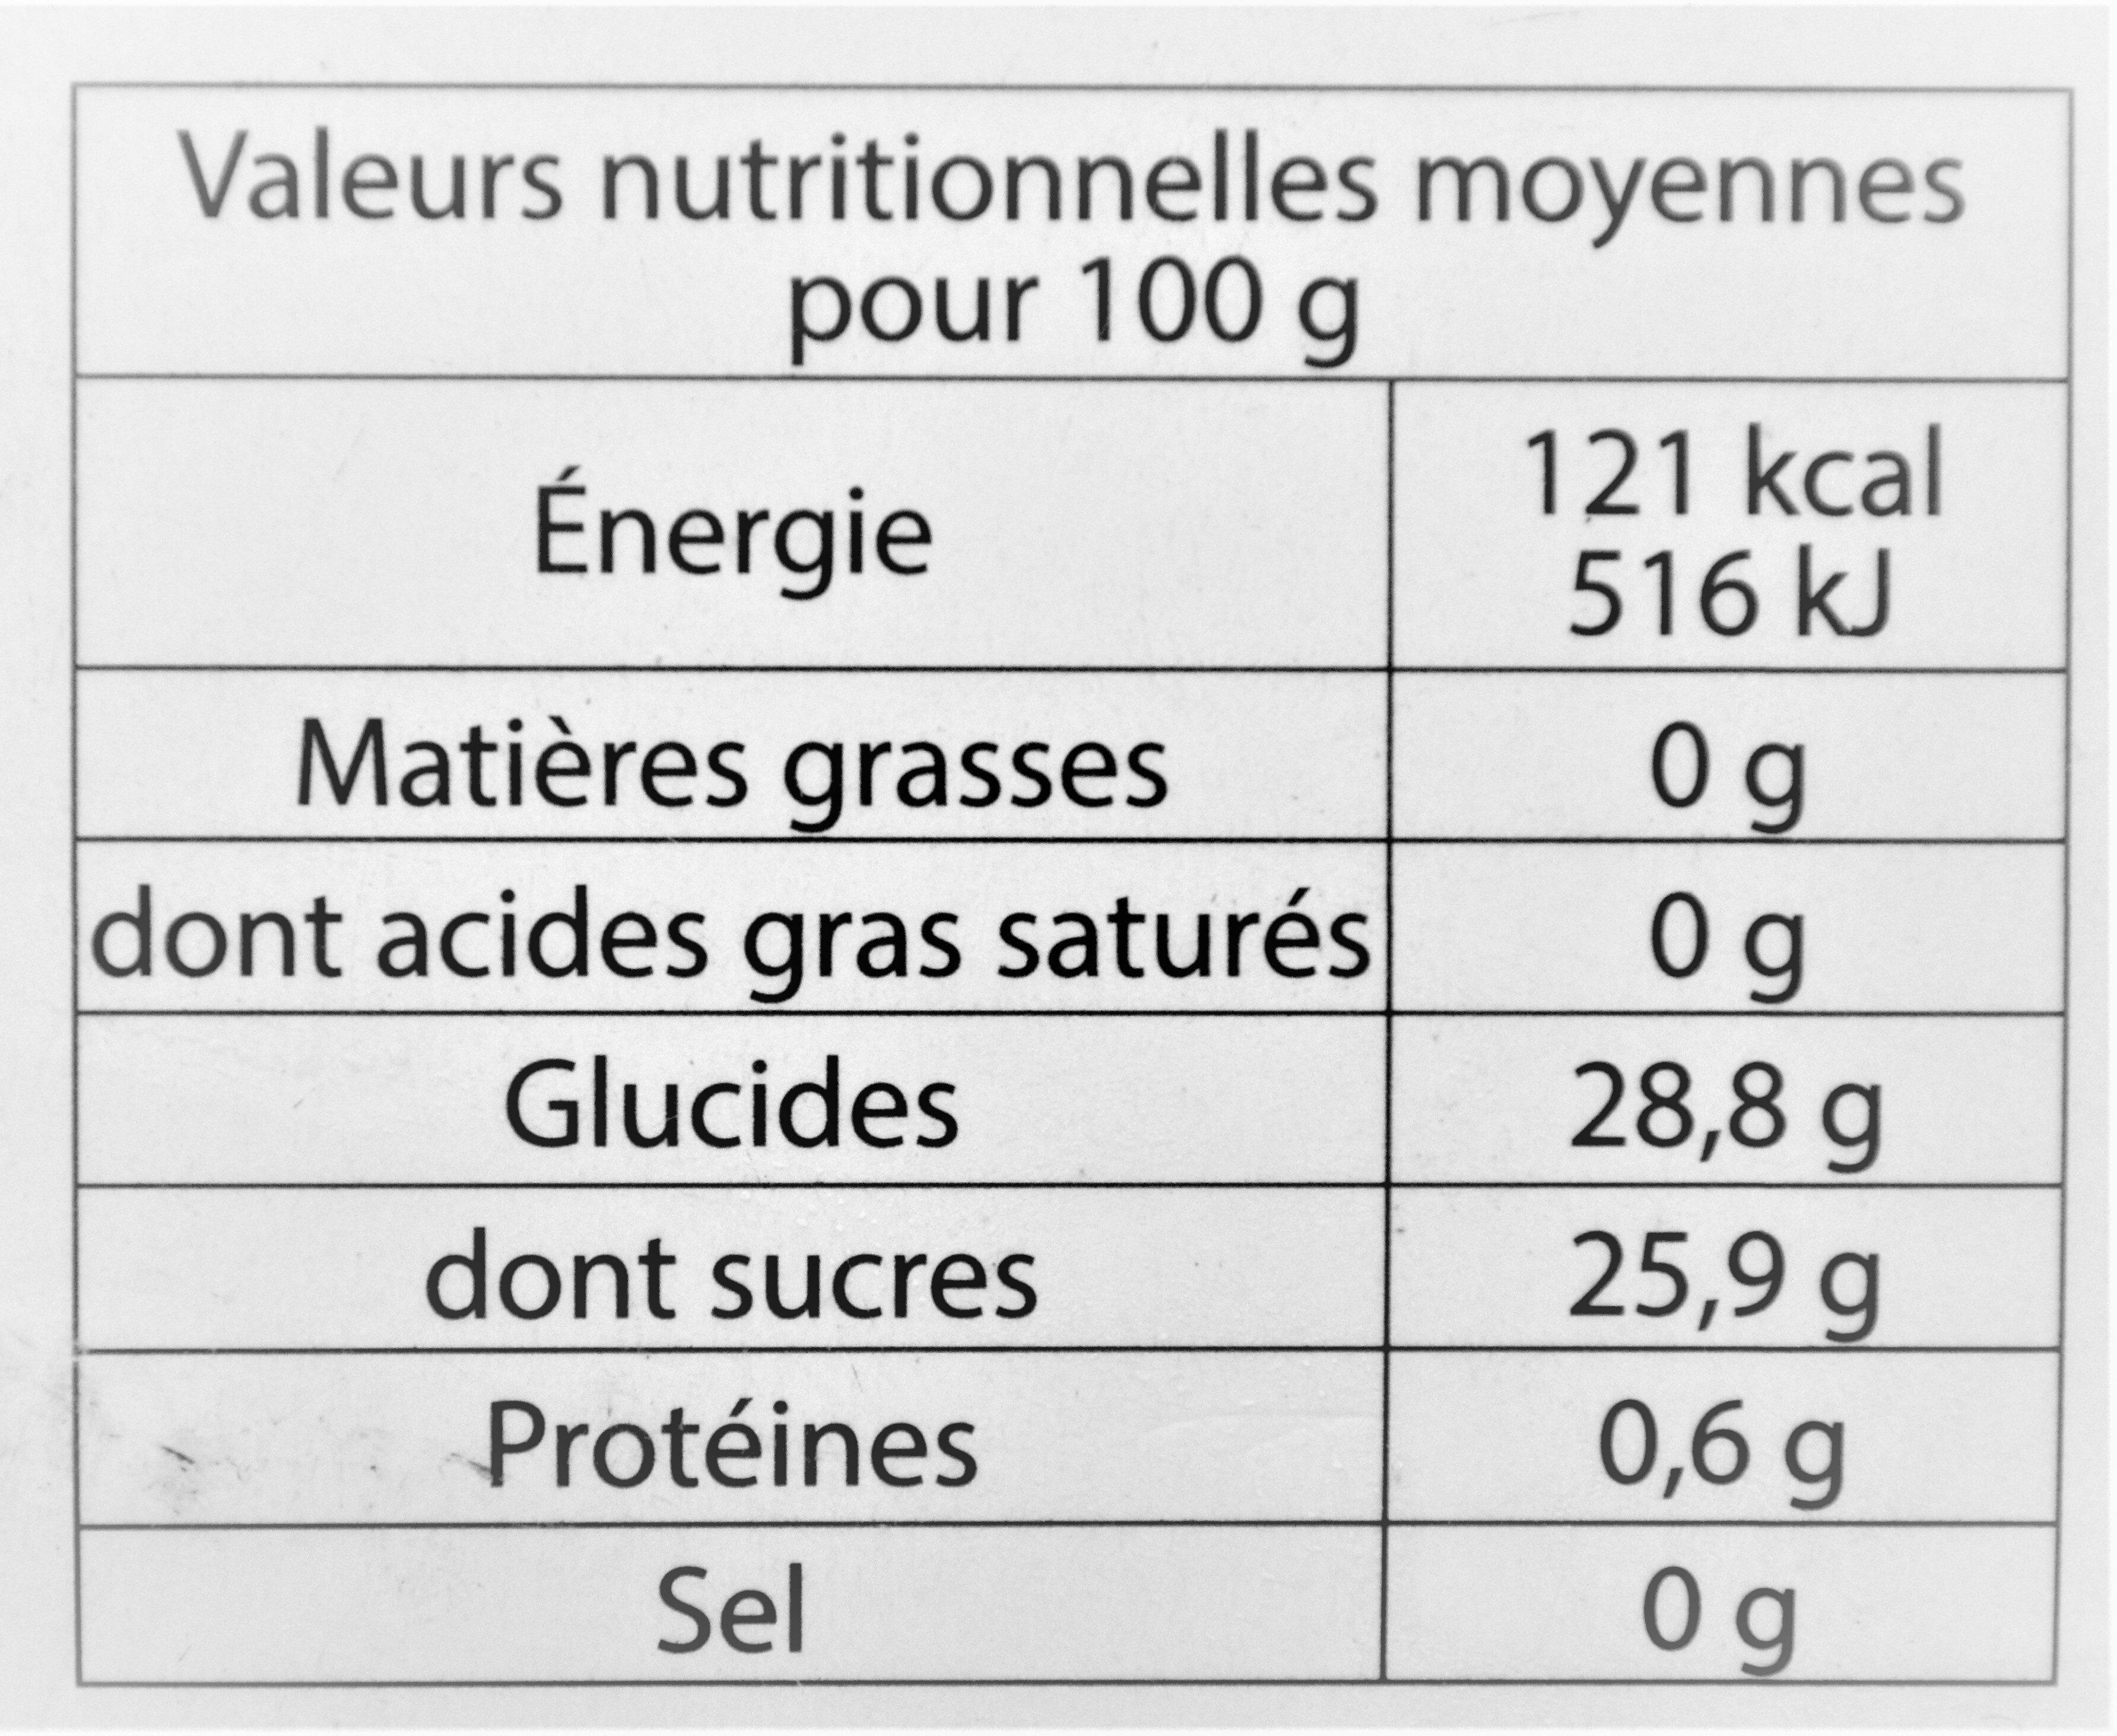 Sorbet plein fruit ORANGE SANGUINE, 62% de fruit - Informations nutritionnelles